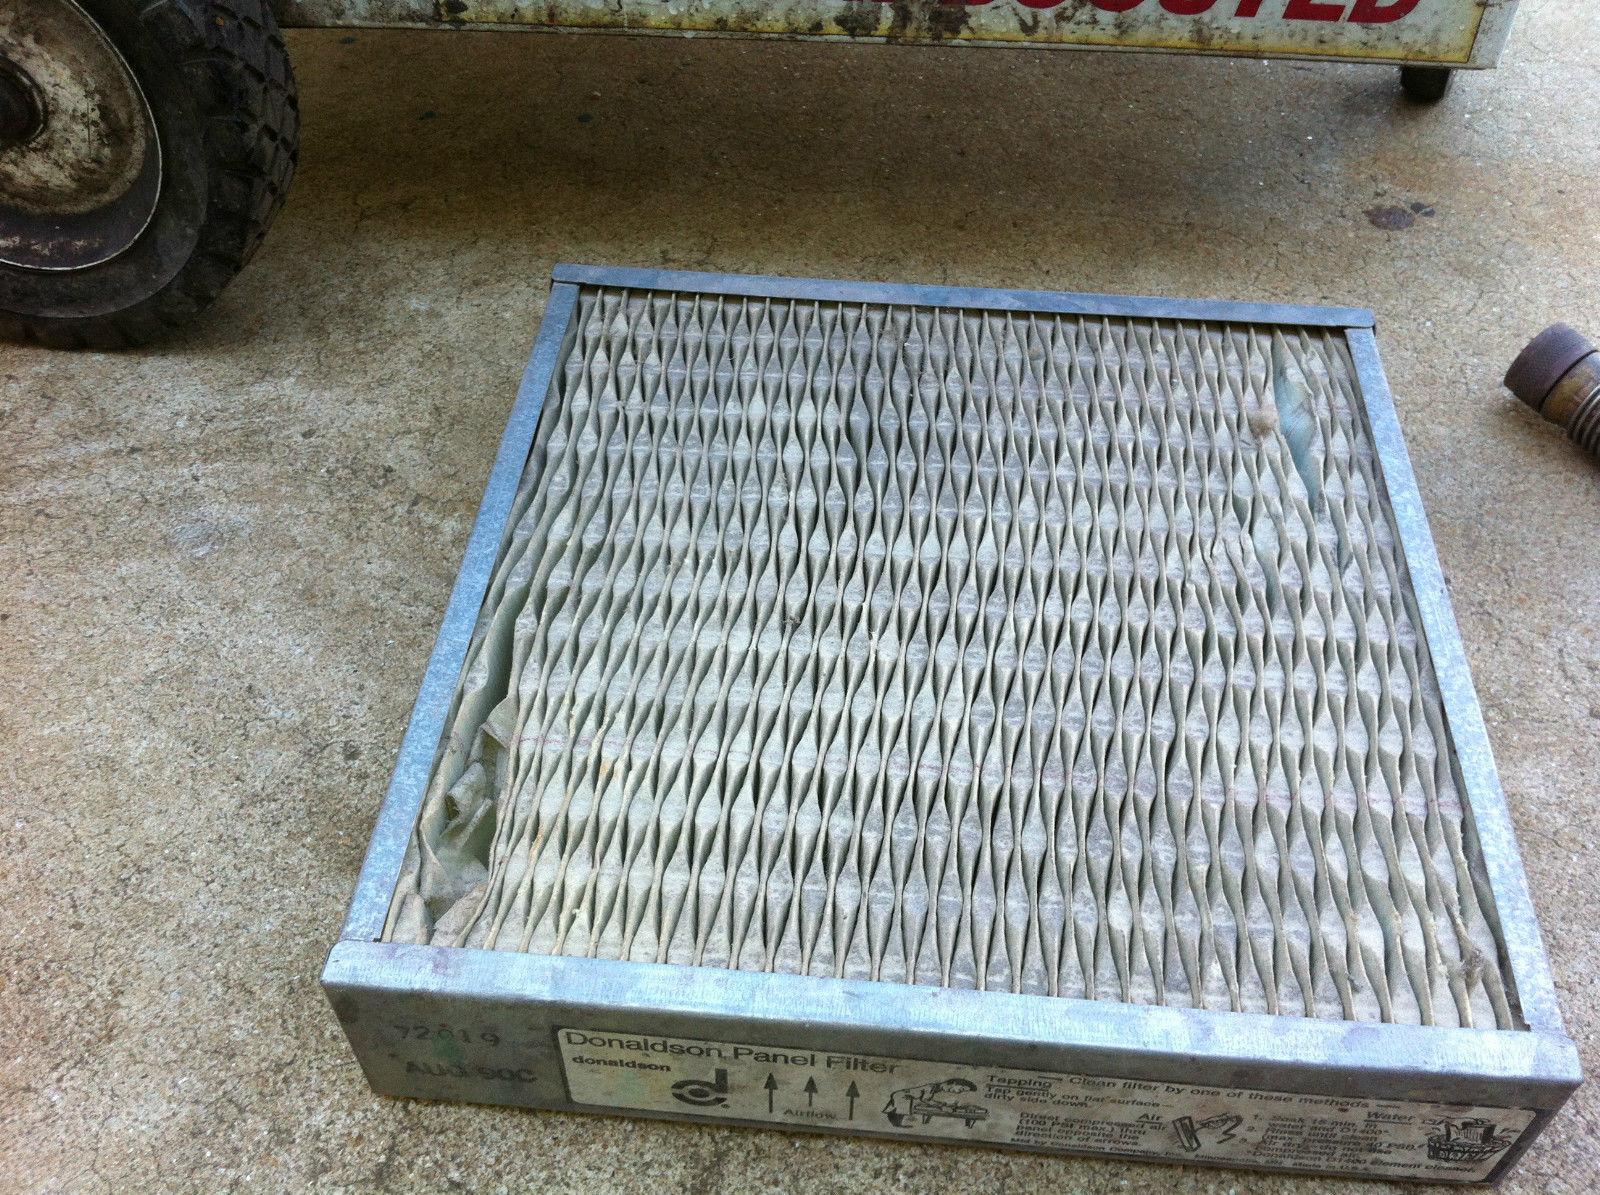 LEX-AIRE LX-120/10 HVLP TURBINE BOOSTED 120CFM SPRAY GUN AIR PUMP CROIX GRACO